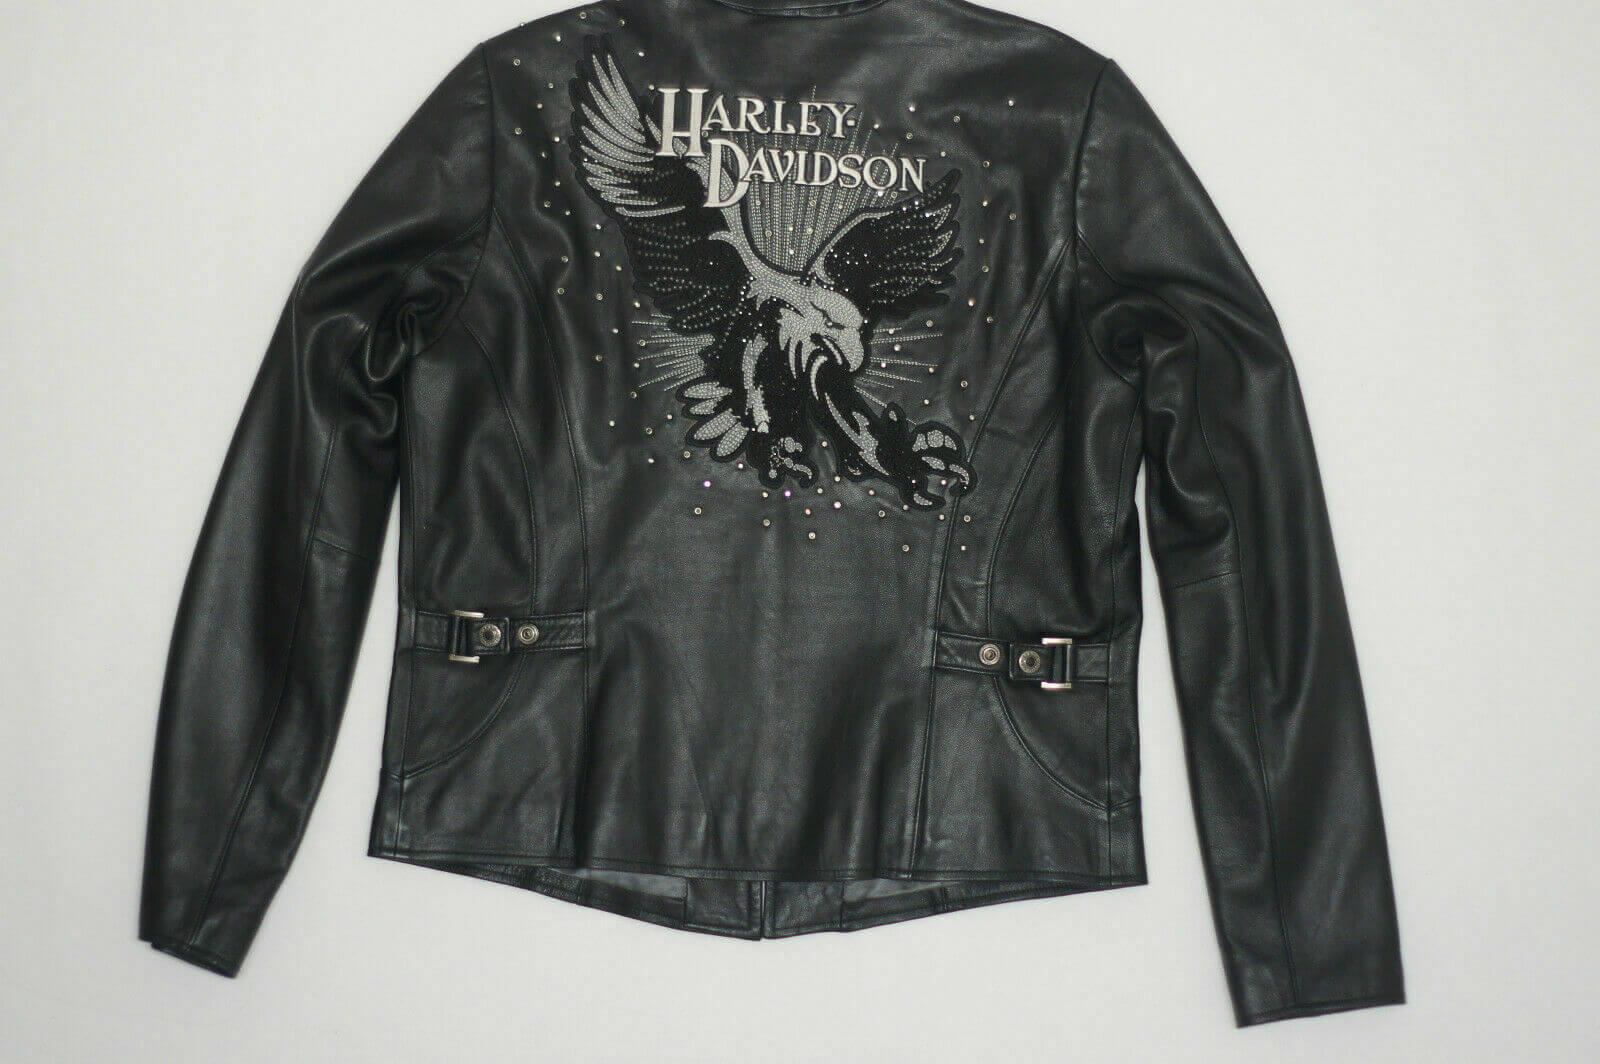 Harley Davidson Dazzle Eagle Rhinestone Leather Jacket